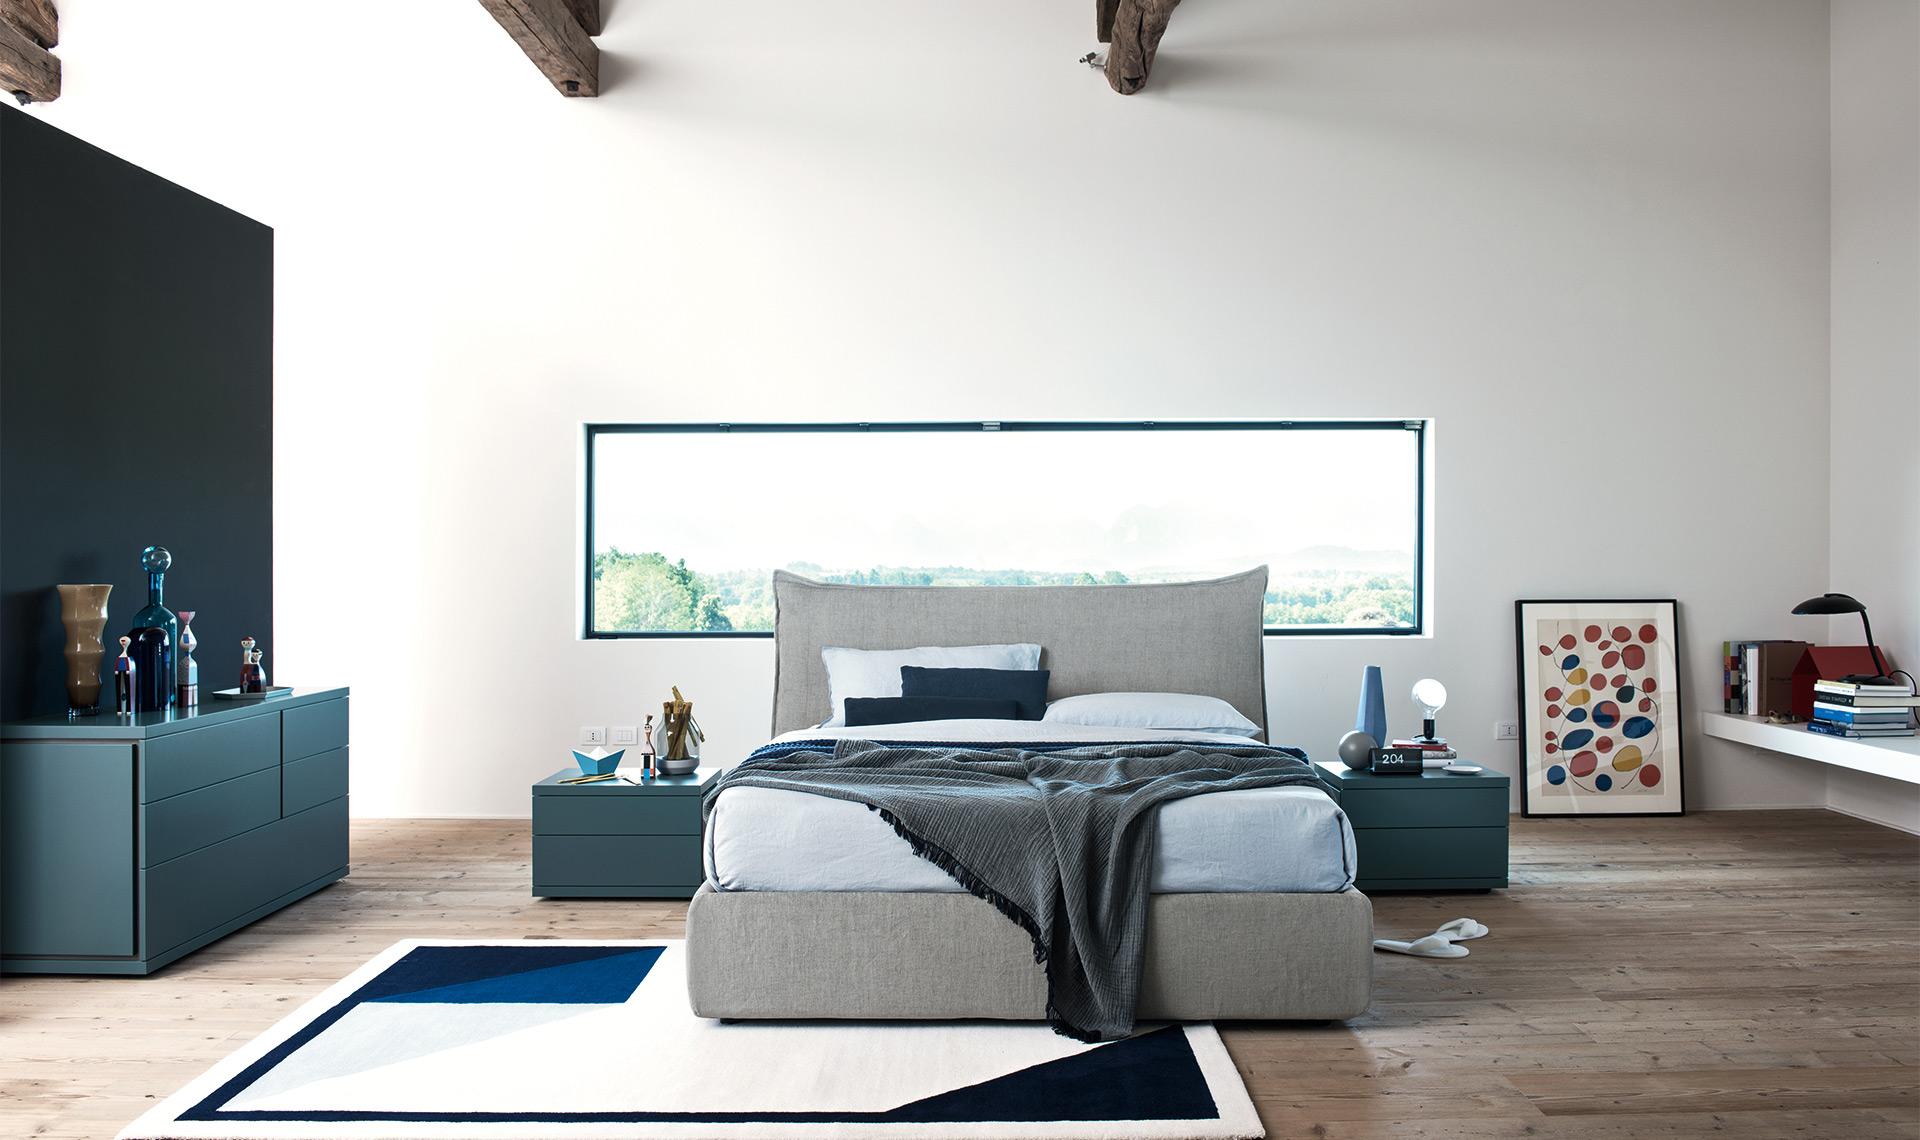 Alf Group Camere Da Letto.Letti Francis Design Moderno Alf Dafre